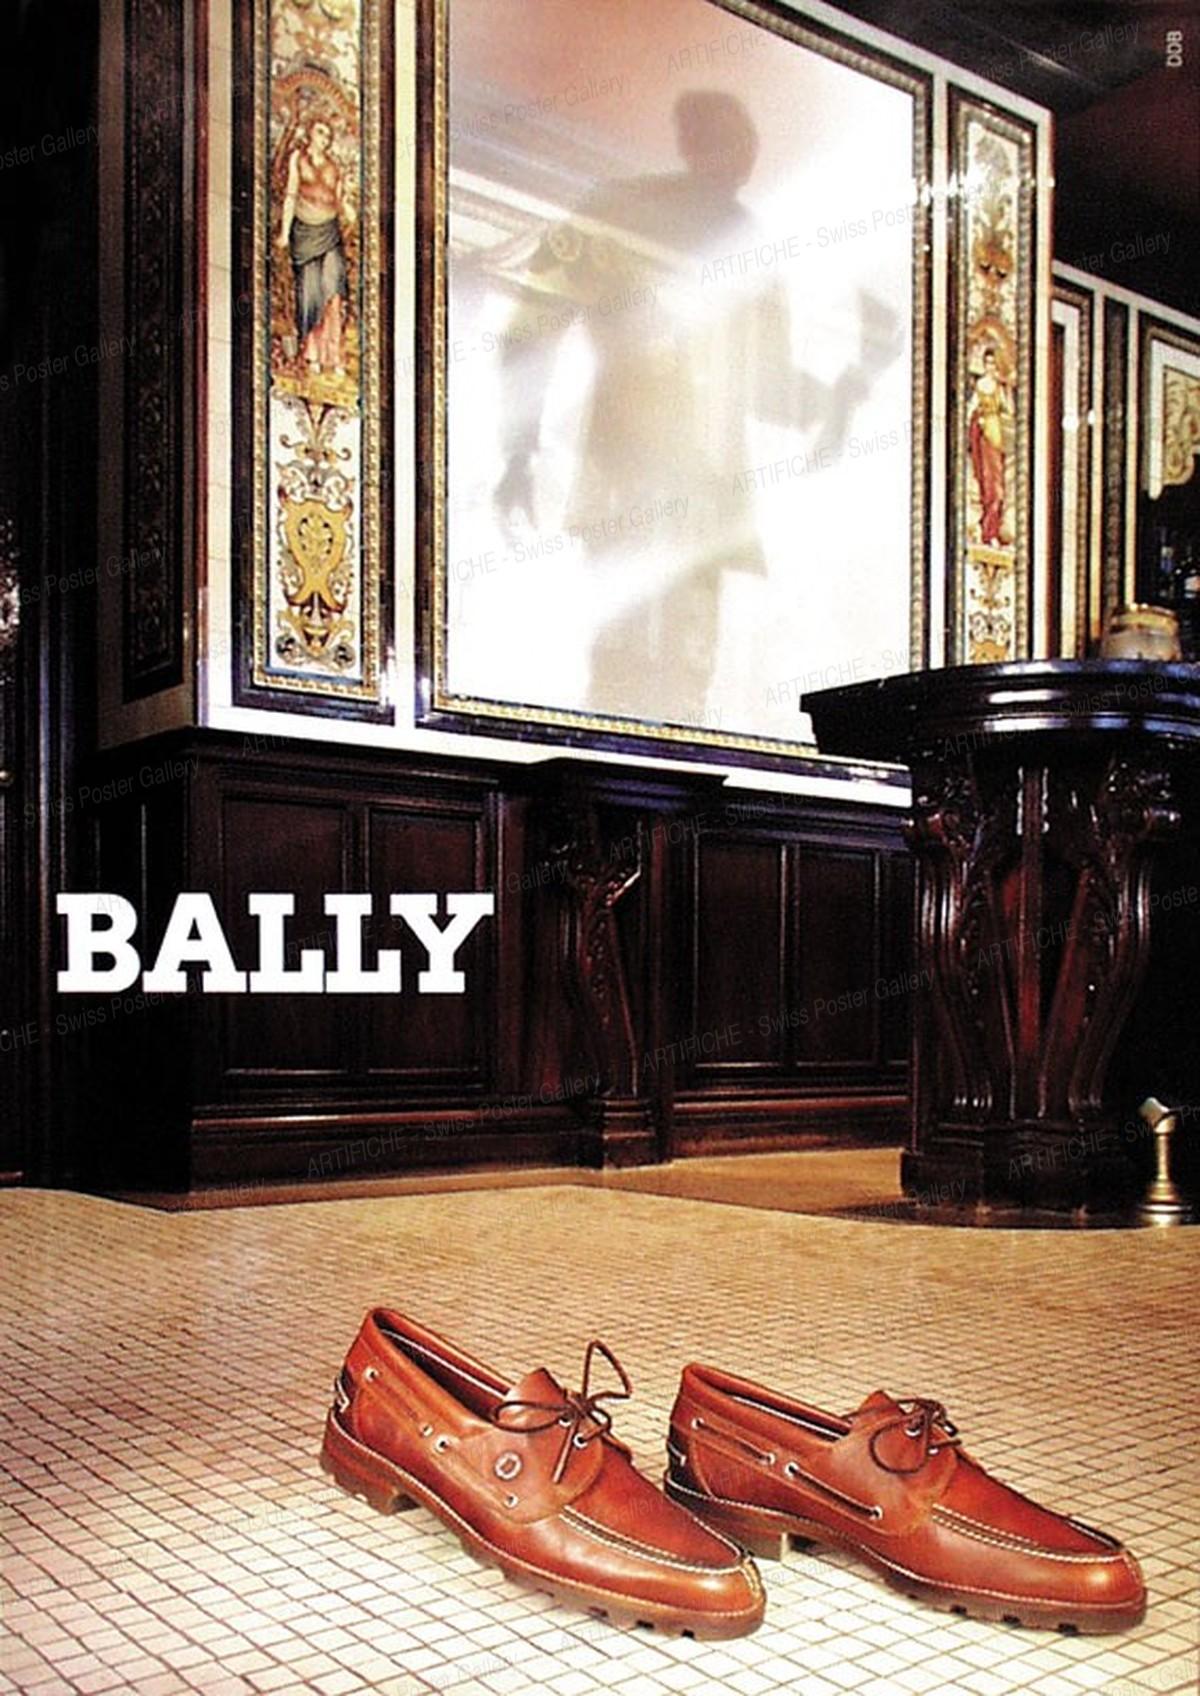 Bally Shoes, DDB Doyle Dane Bernbach